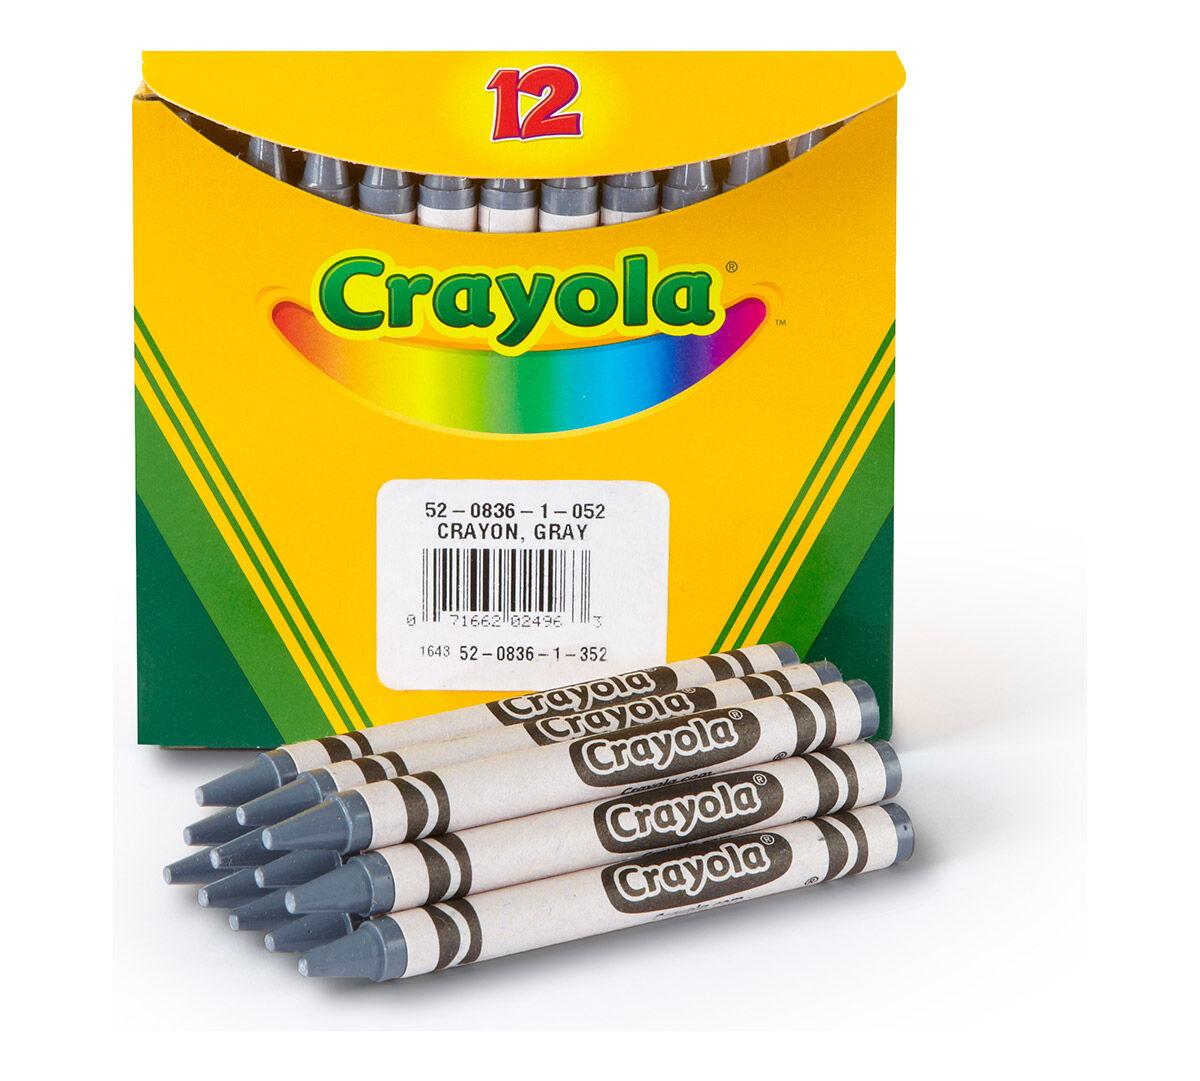 Gray Bulk Crayons, 12 Count